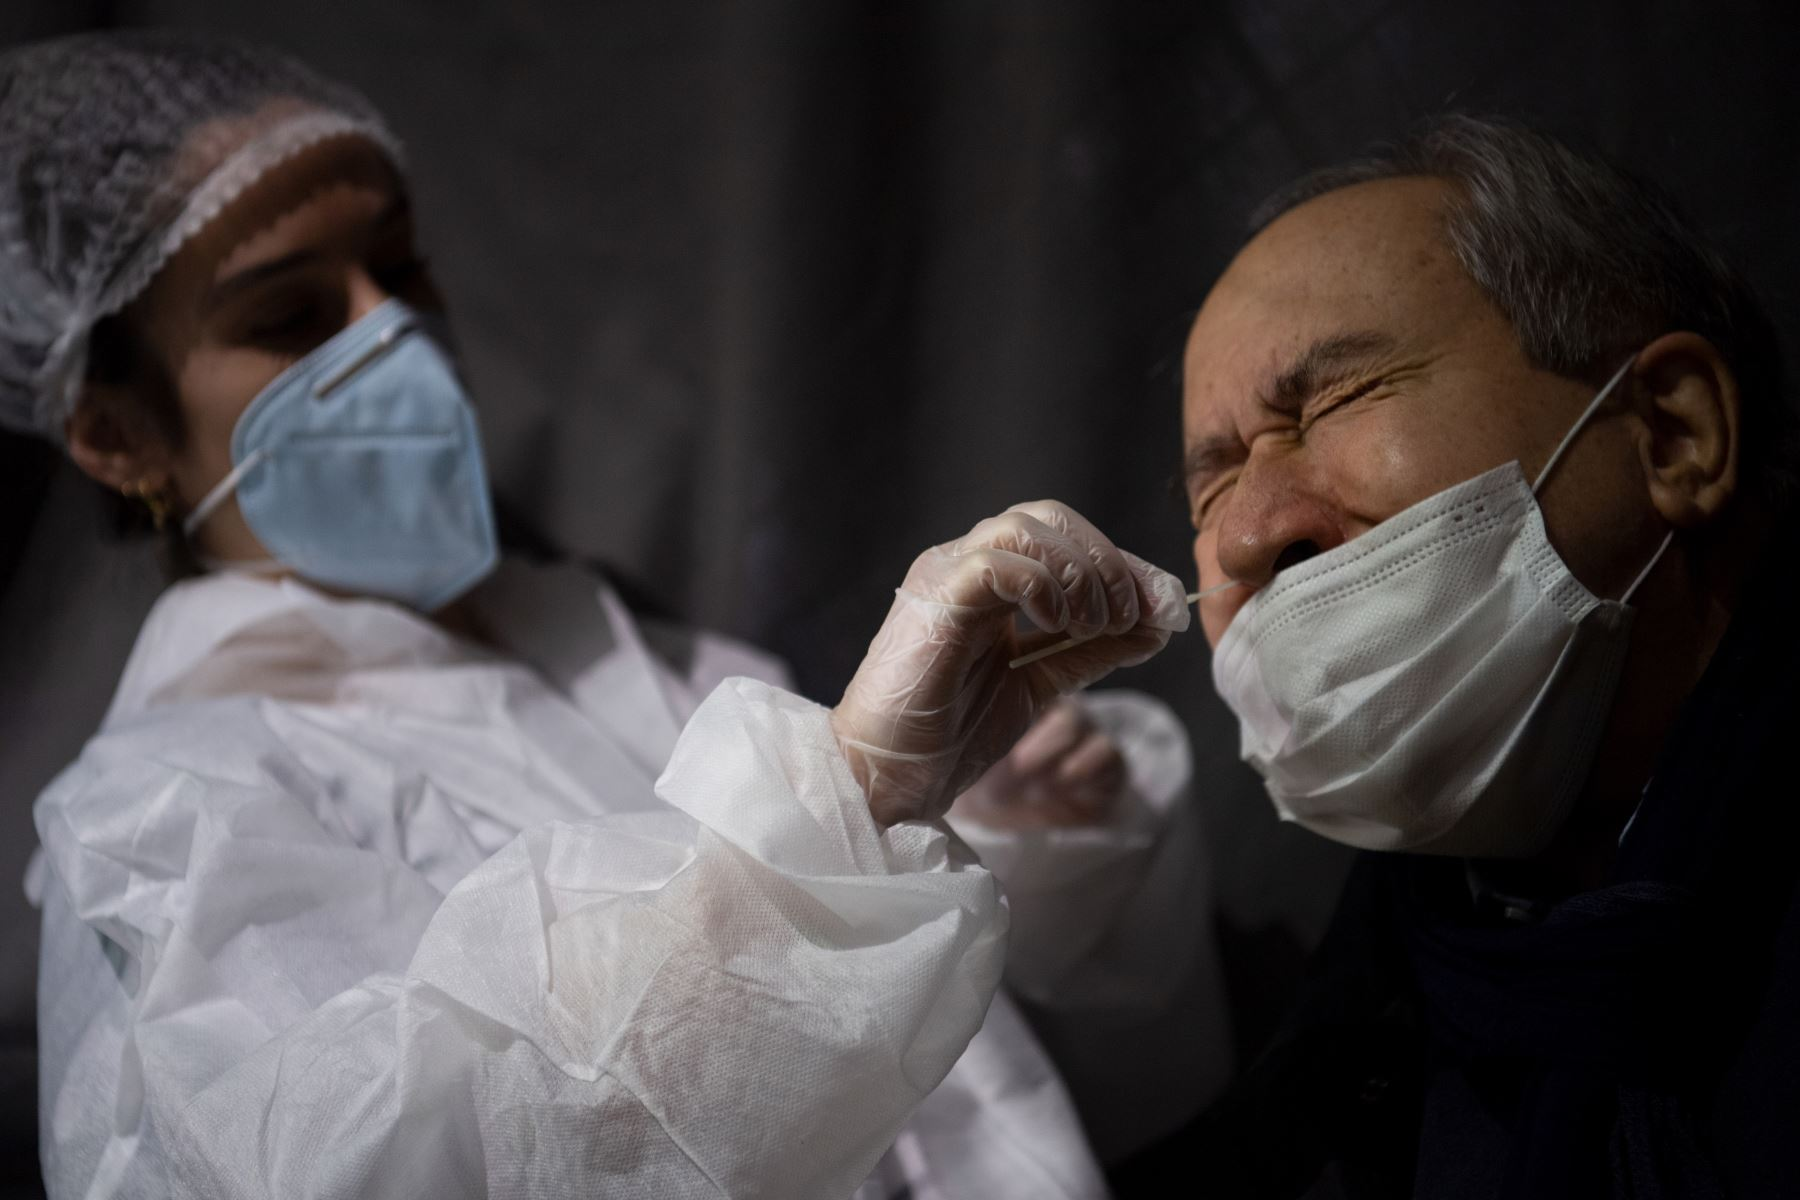 Un trabajador de la salud recolecta una muestra de hisopo para una prueba de PCR de covid-1,9 de un hombre en una instalación de prueba de detección de covid-19 en Nantes, en el oeste de Francia. Foto: AFP